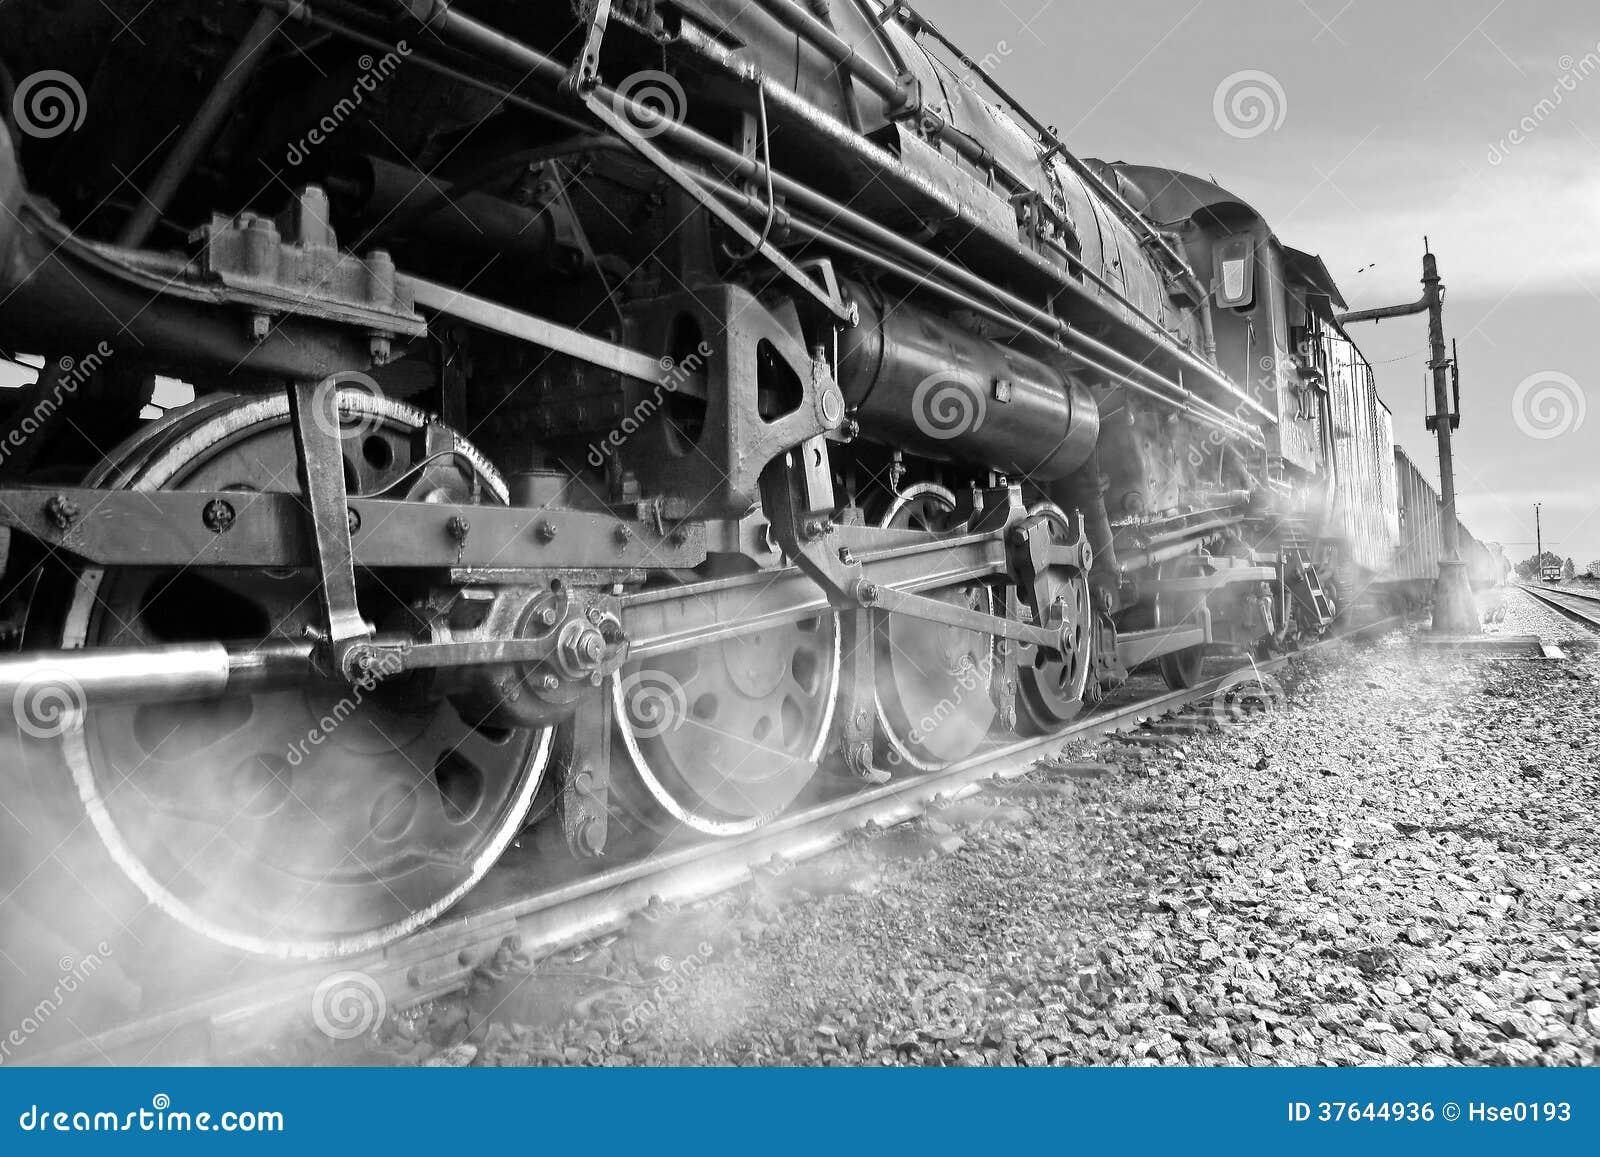 locomotive vapeur noire et blanche image libre de droits image 37644936. Black Bedroom Furniture Sets. Home Design Ideas